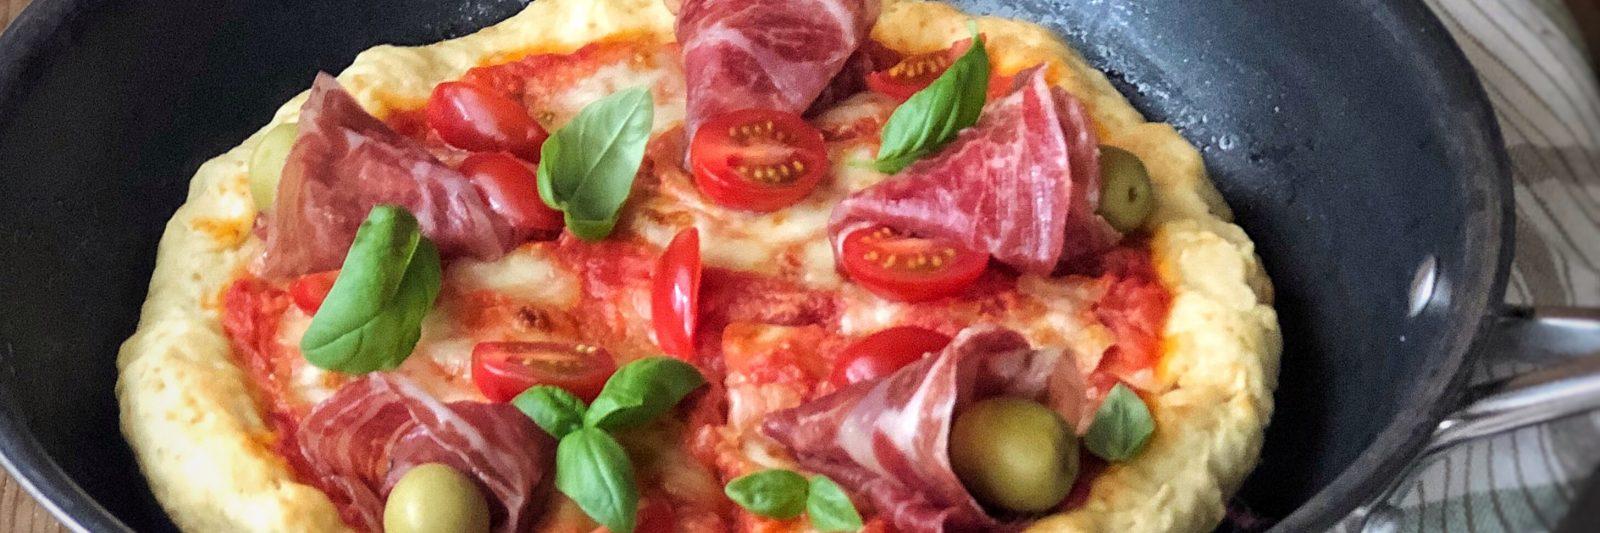 Pizza veloce cotta in padella con Coppa dì Parma